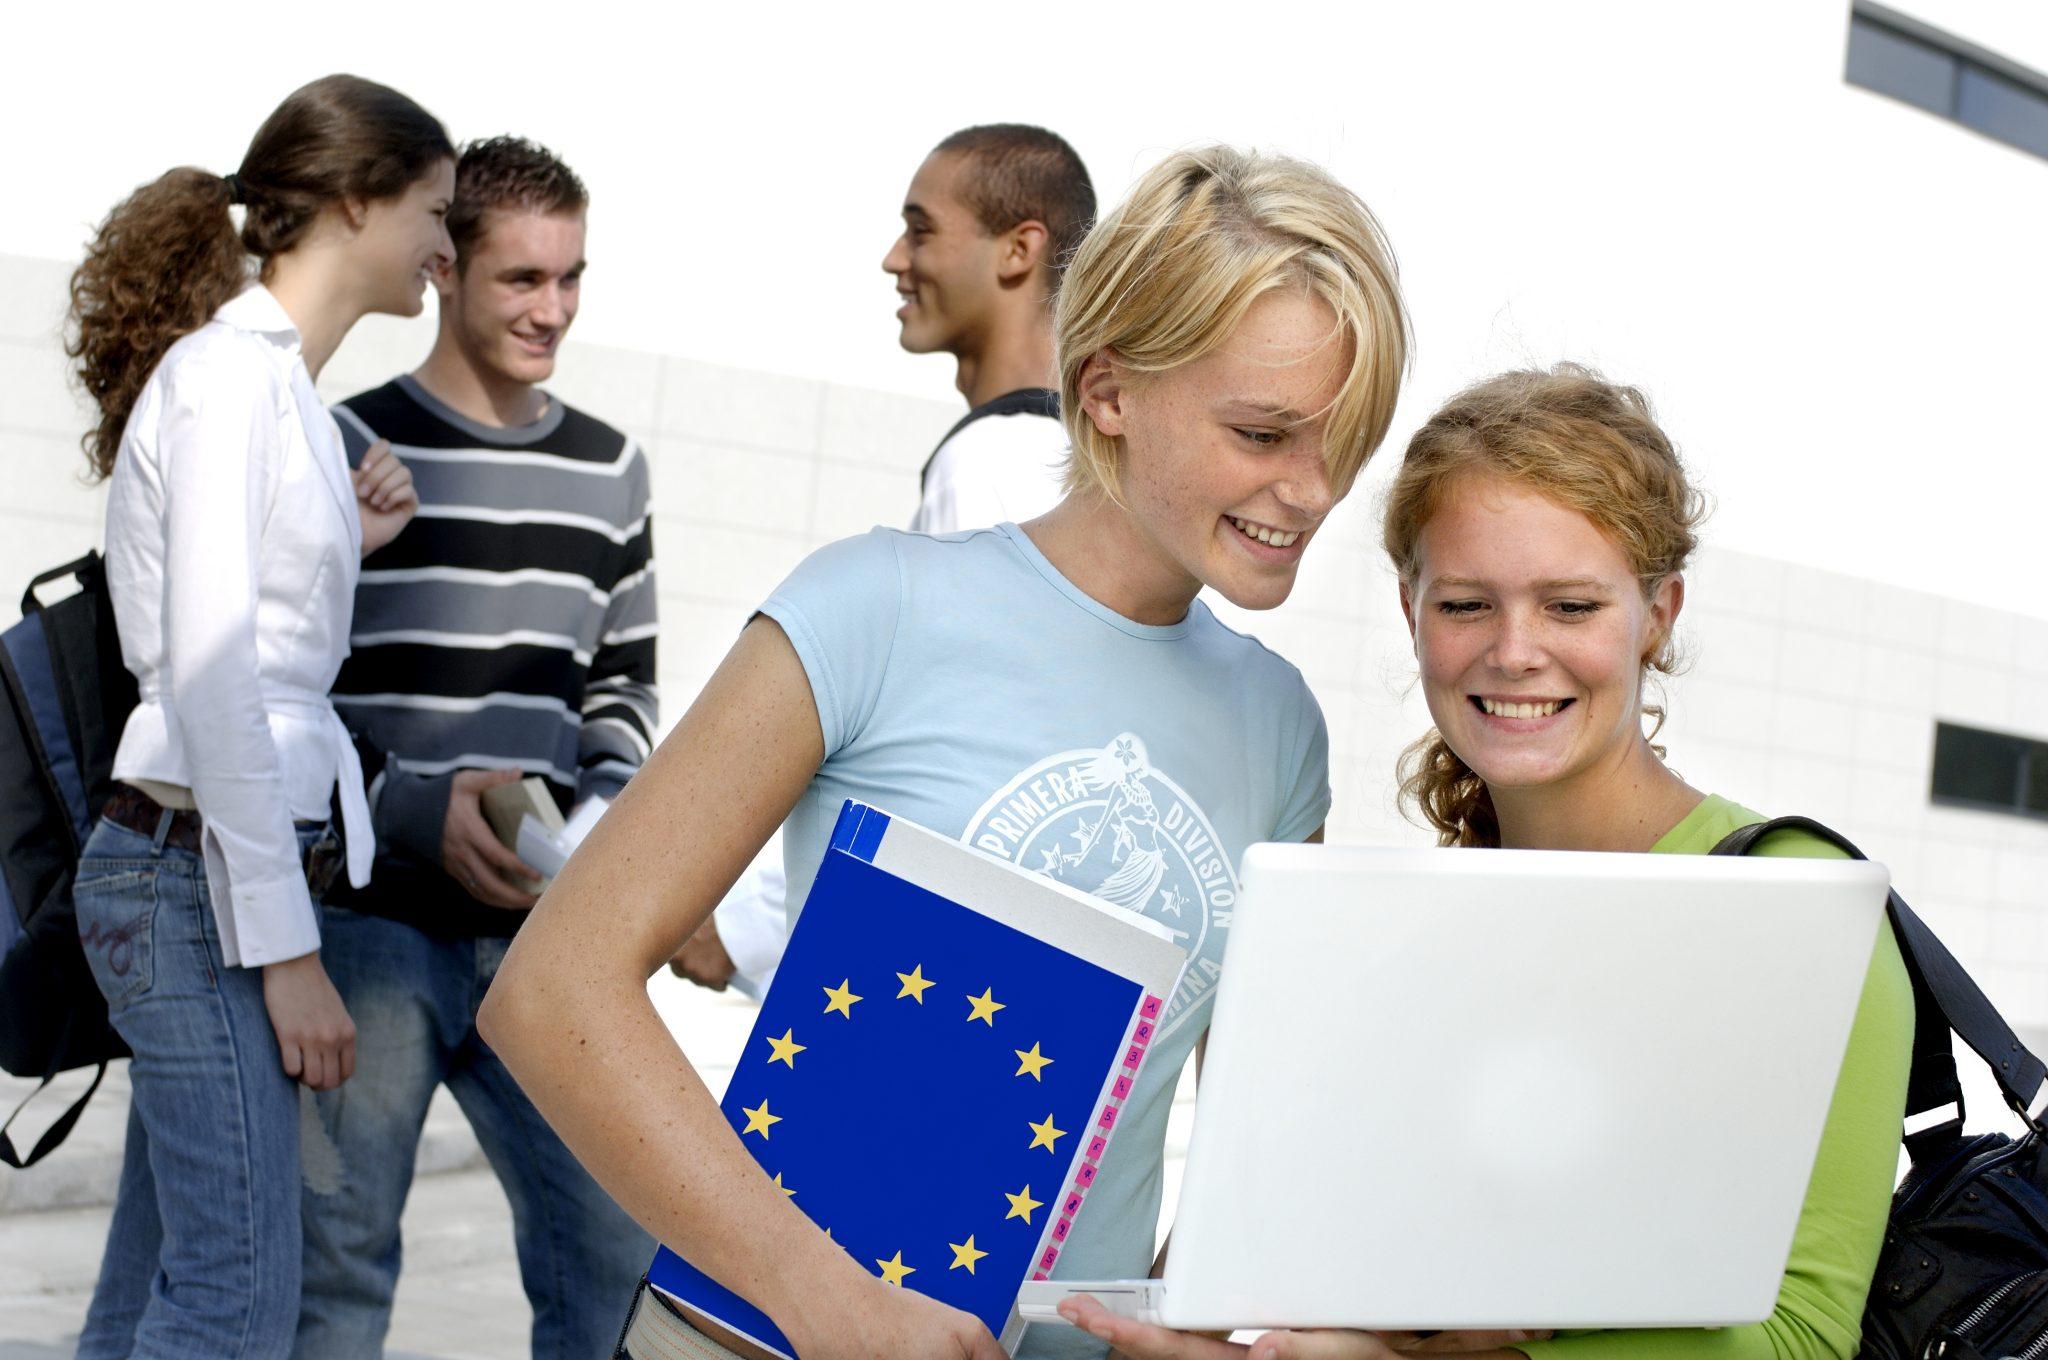 Les jeunes et la citoyenneté européenne (Audio)